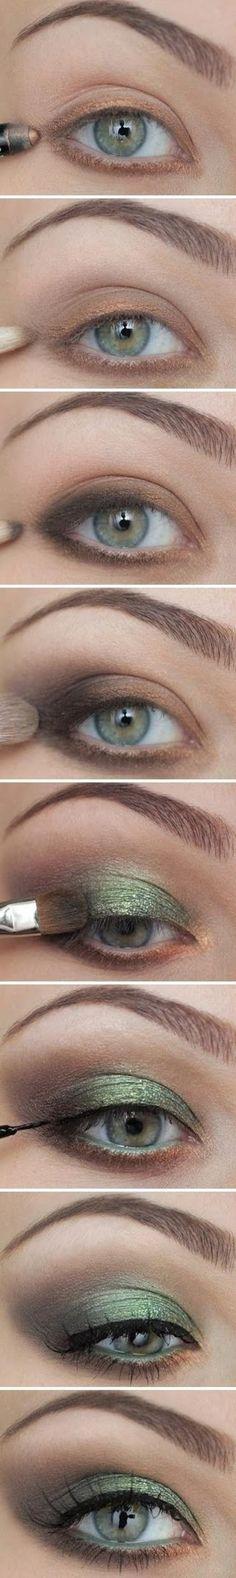 Green smokey eye make-up...I think it's lovely!